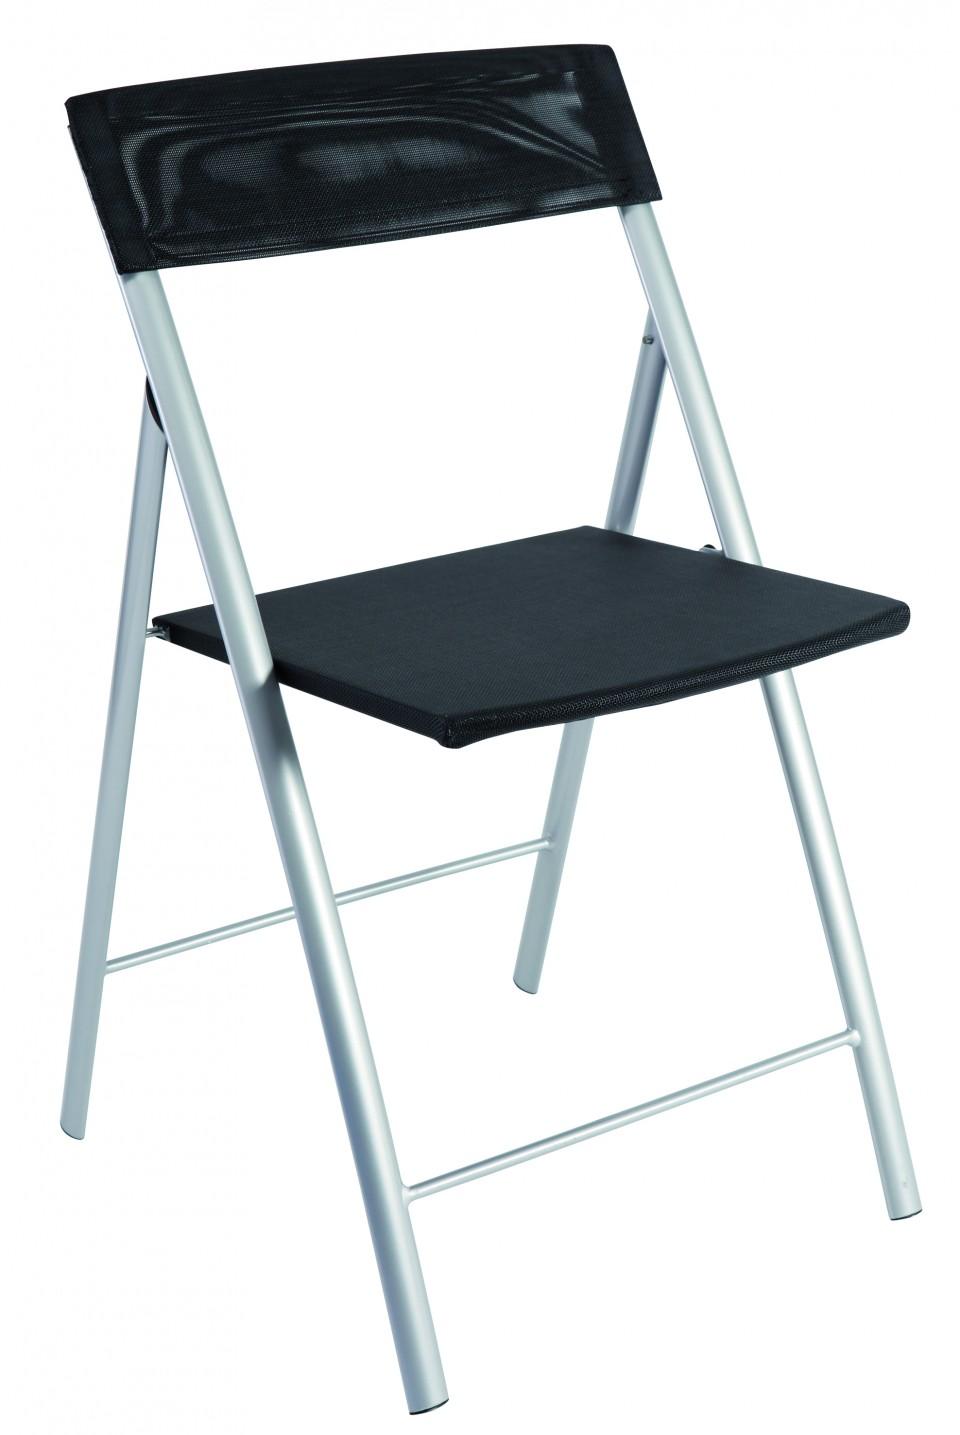 Chaise pliante cosmic achat chaises pliantes 74 00 for Chaise de bureau pliante